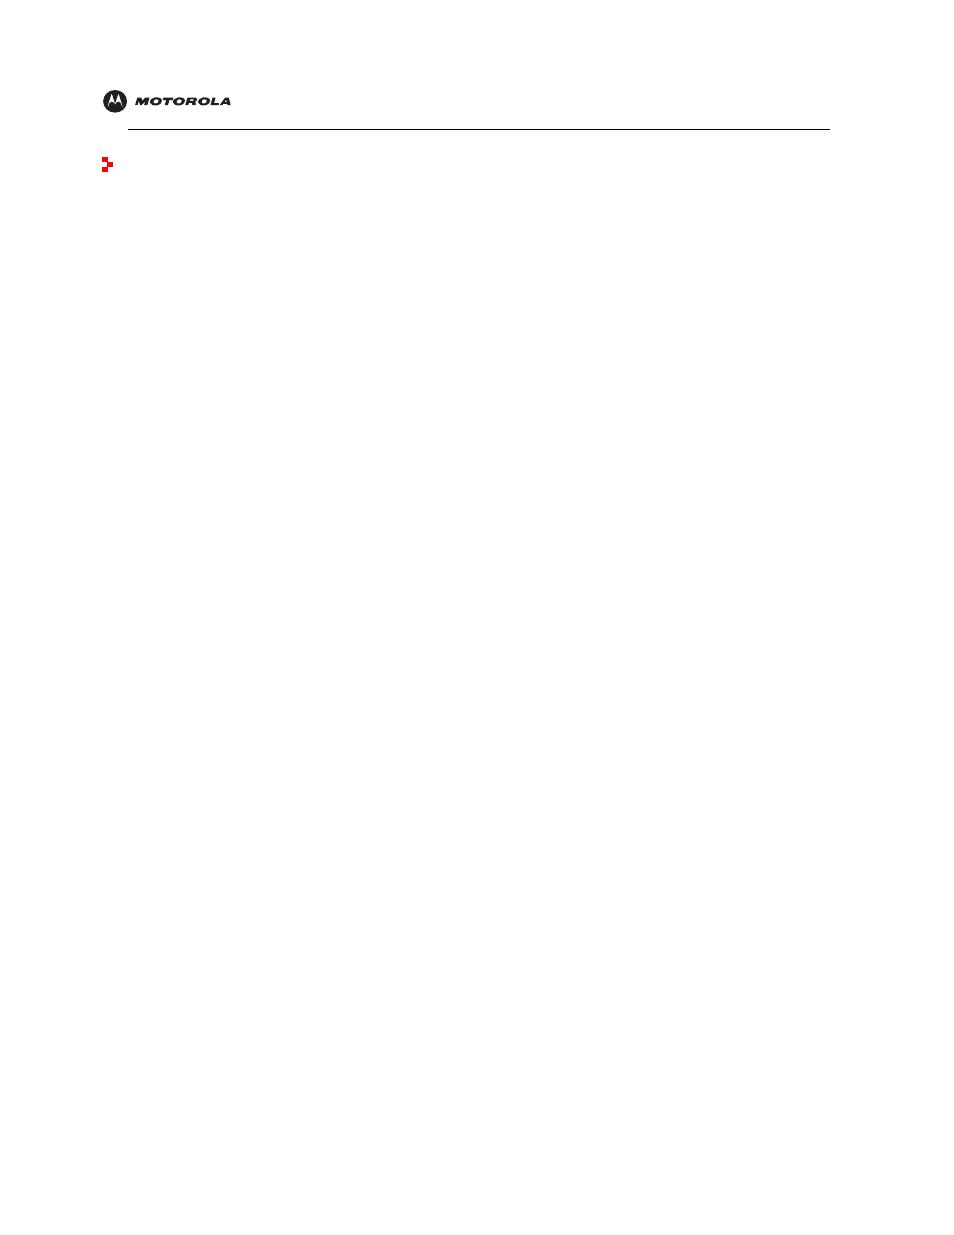 Manual del fabricante motorola sbv 5121 ono.